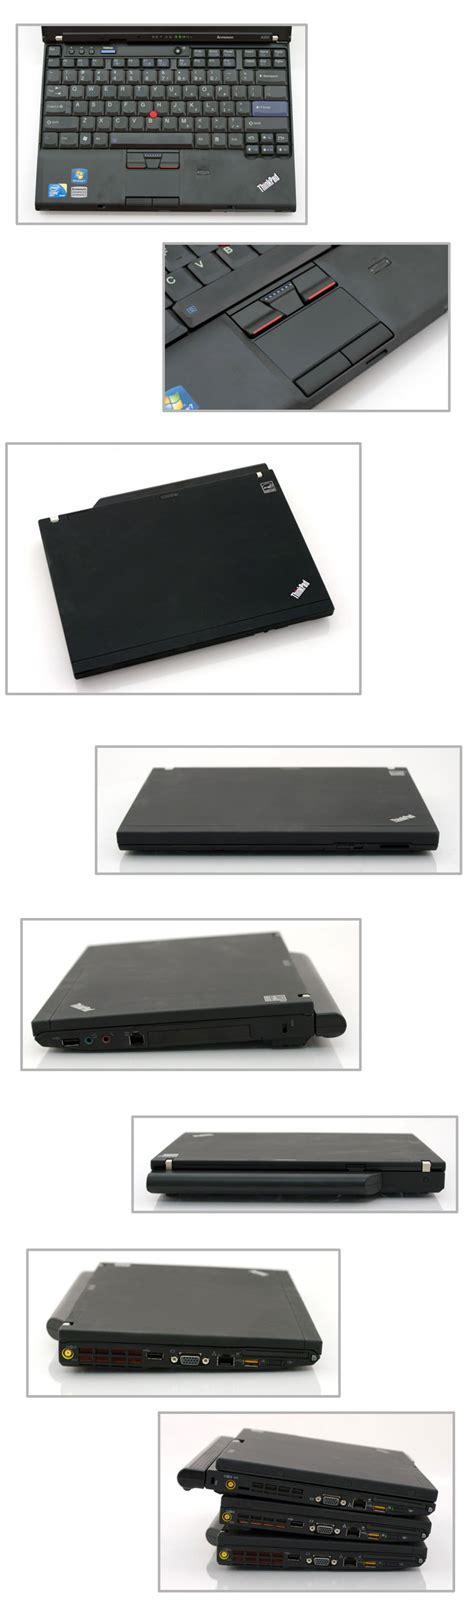 Laptop Lenovo X201s I5 lenovo thinkpad x201 i5 4gb ram 160gb hdd